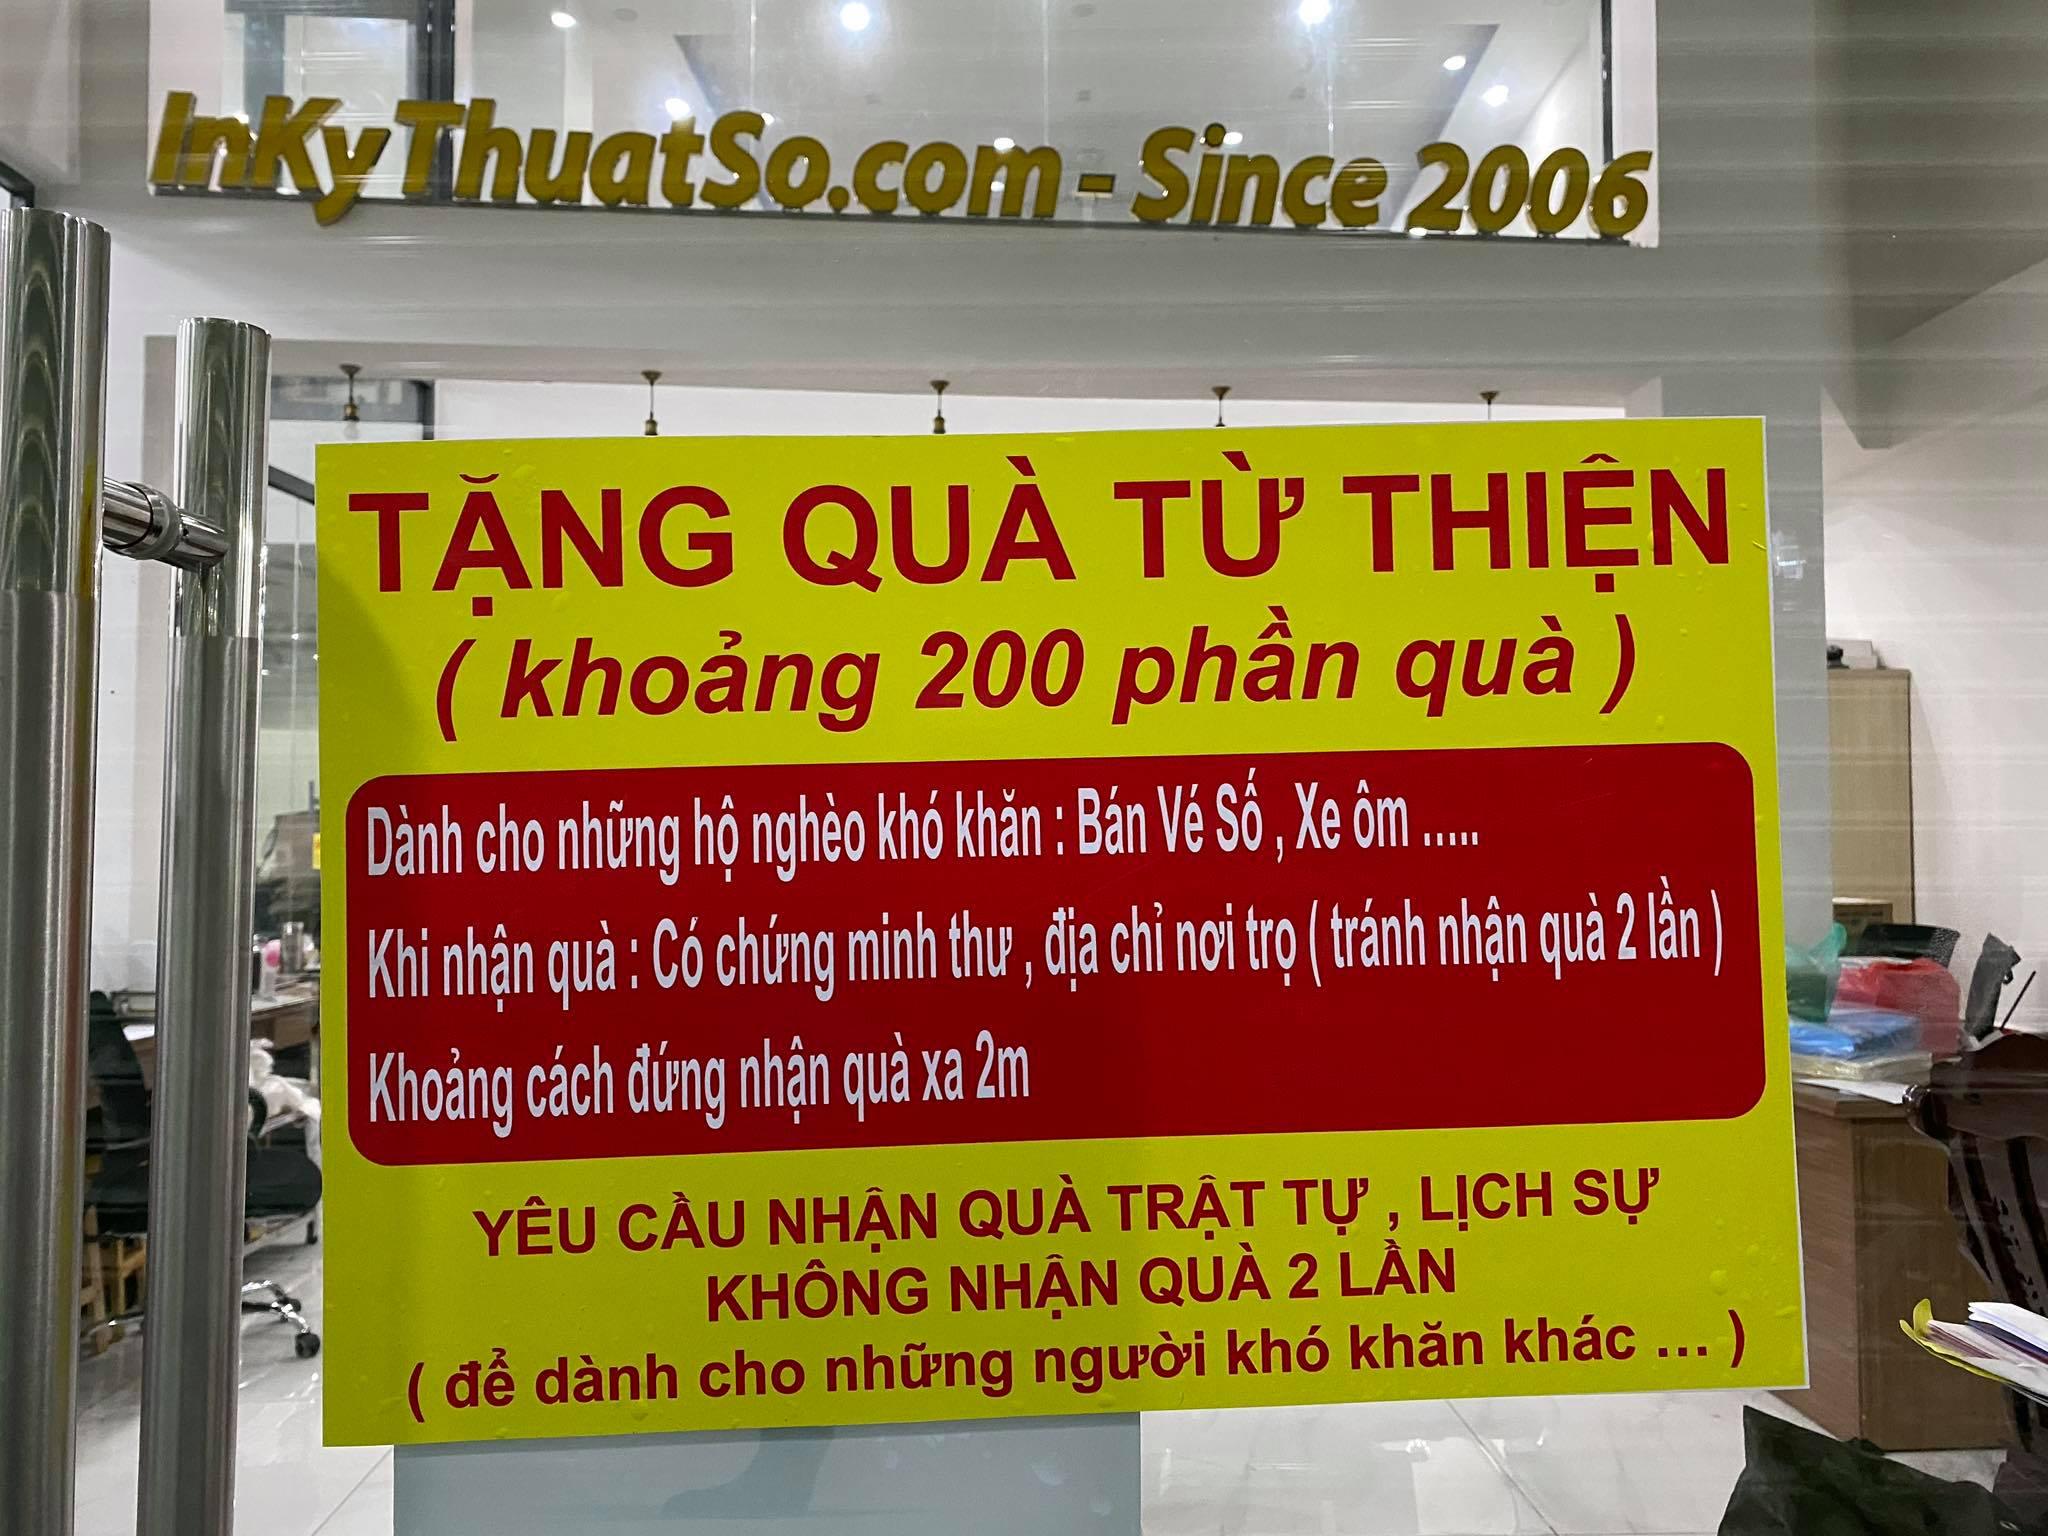 In banner dán kính thông báo tặng quà từ thiện tại tòa nhà MBN Tower - Công ty TNHH In Kỹ Thuật Số 365 Lê Quang Định, phường 5, Bình Thạnh, HCM